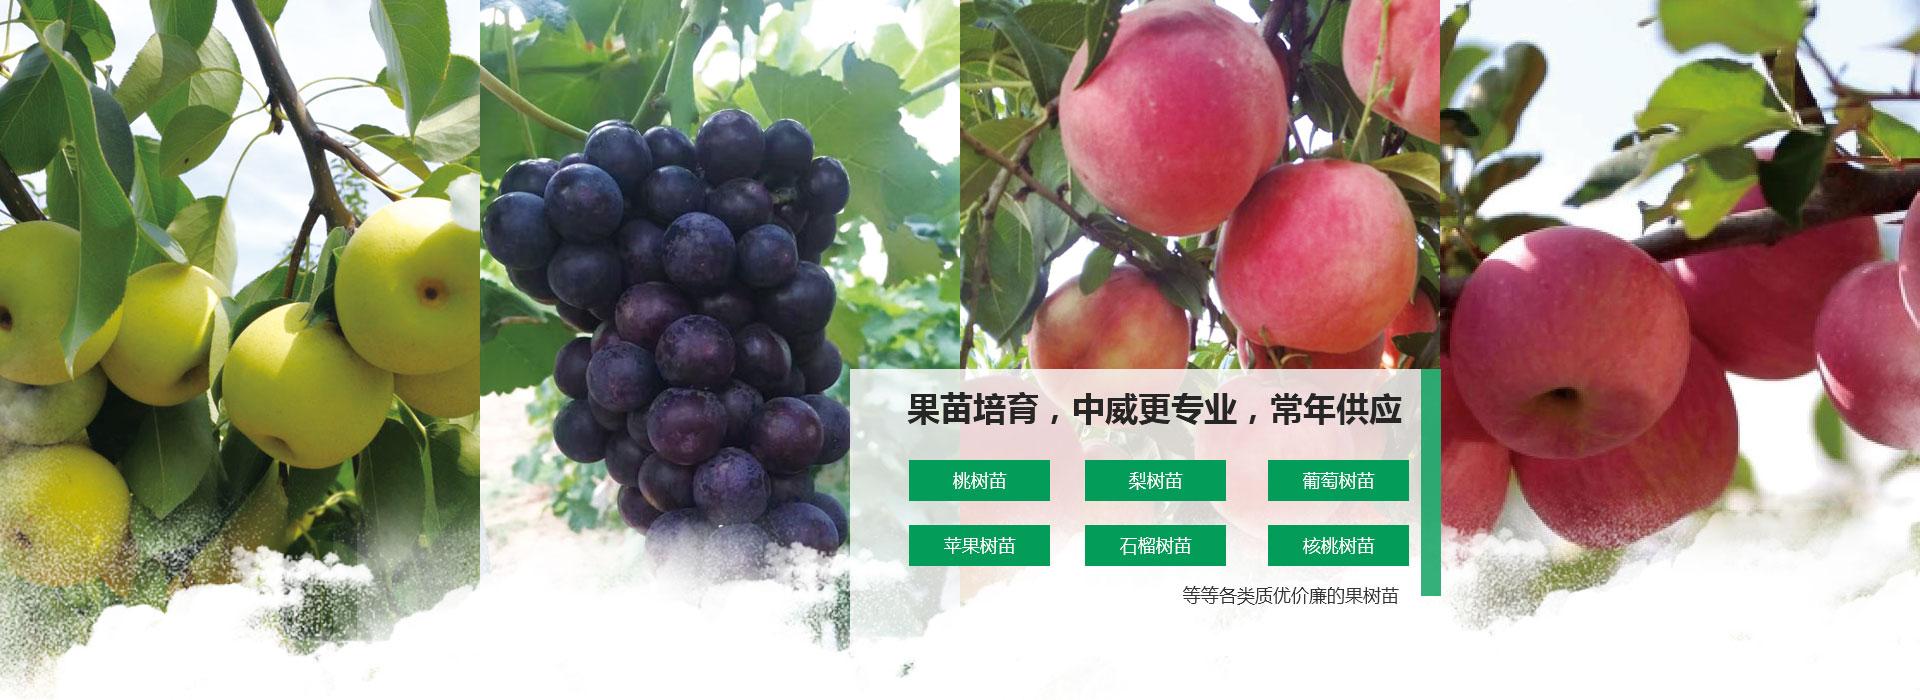 梨树苗葡萄树苗培育基地